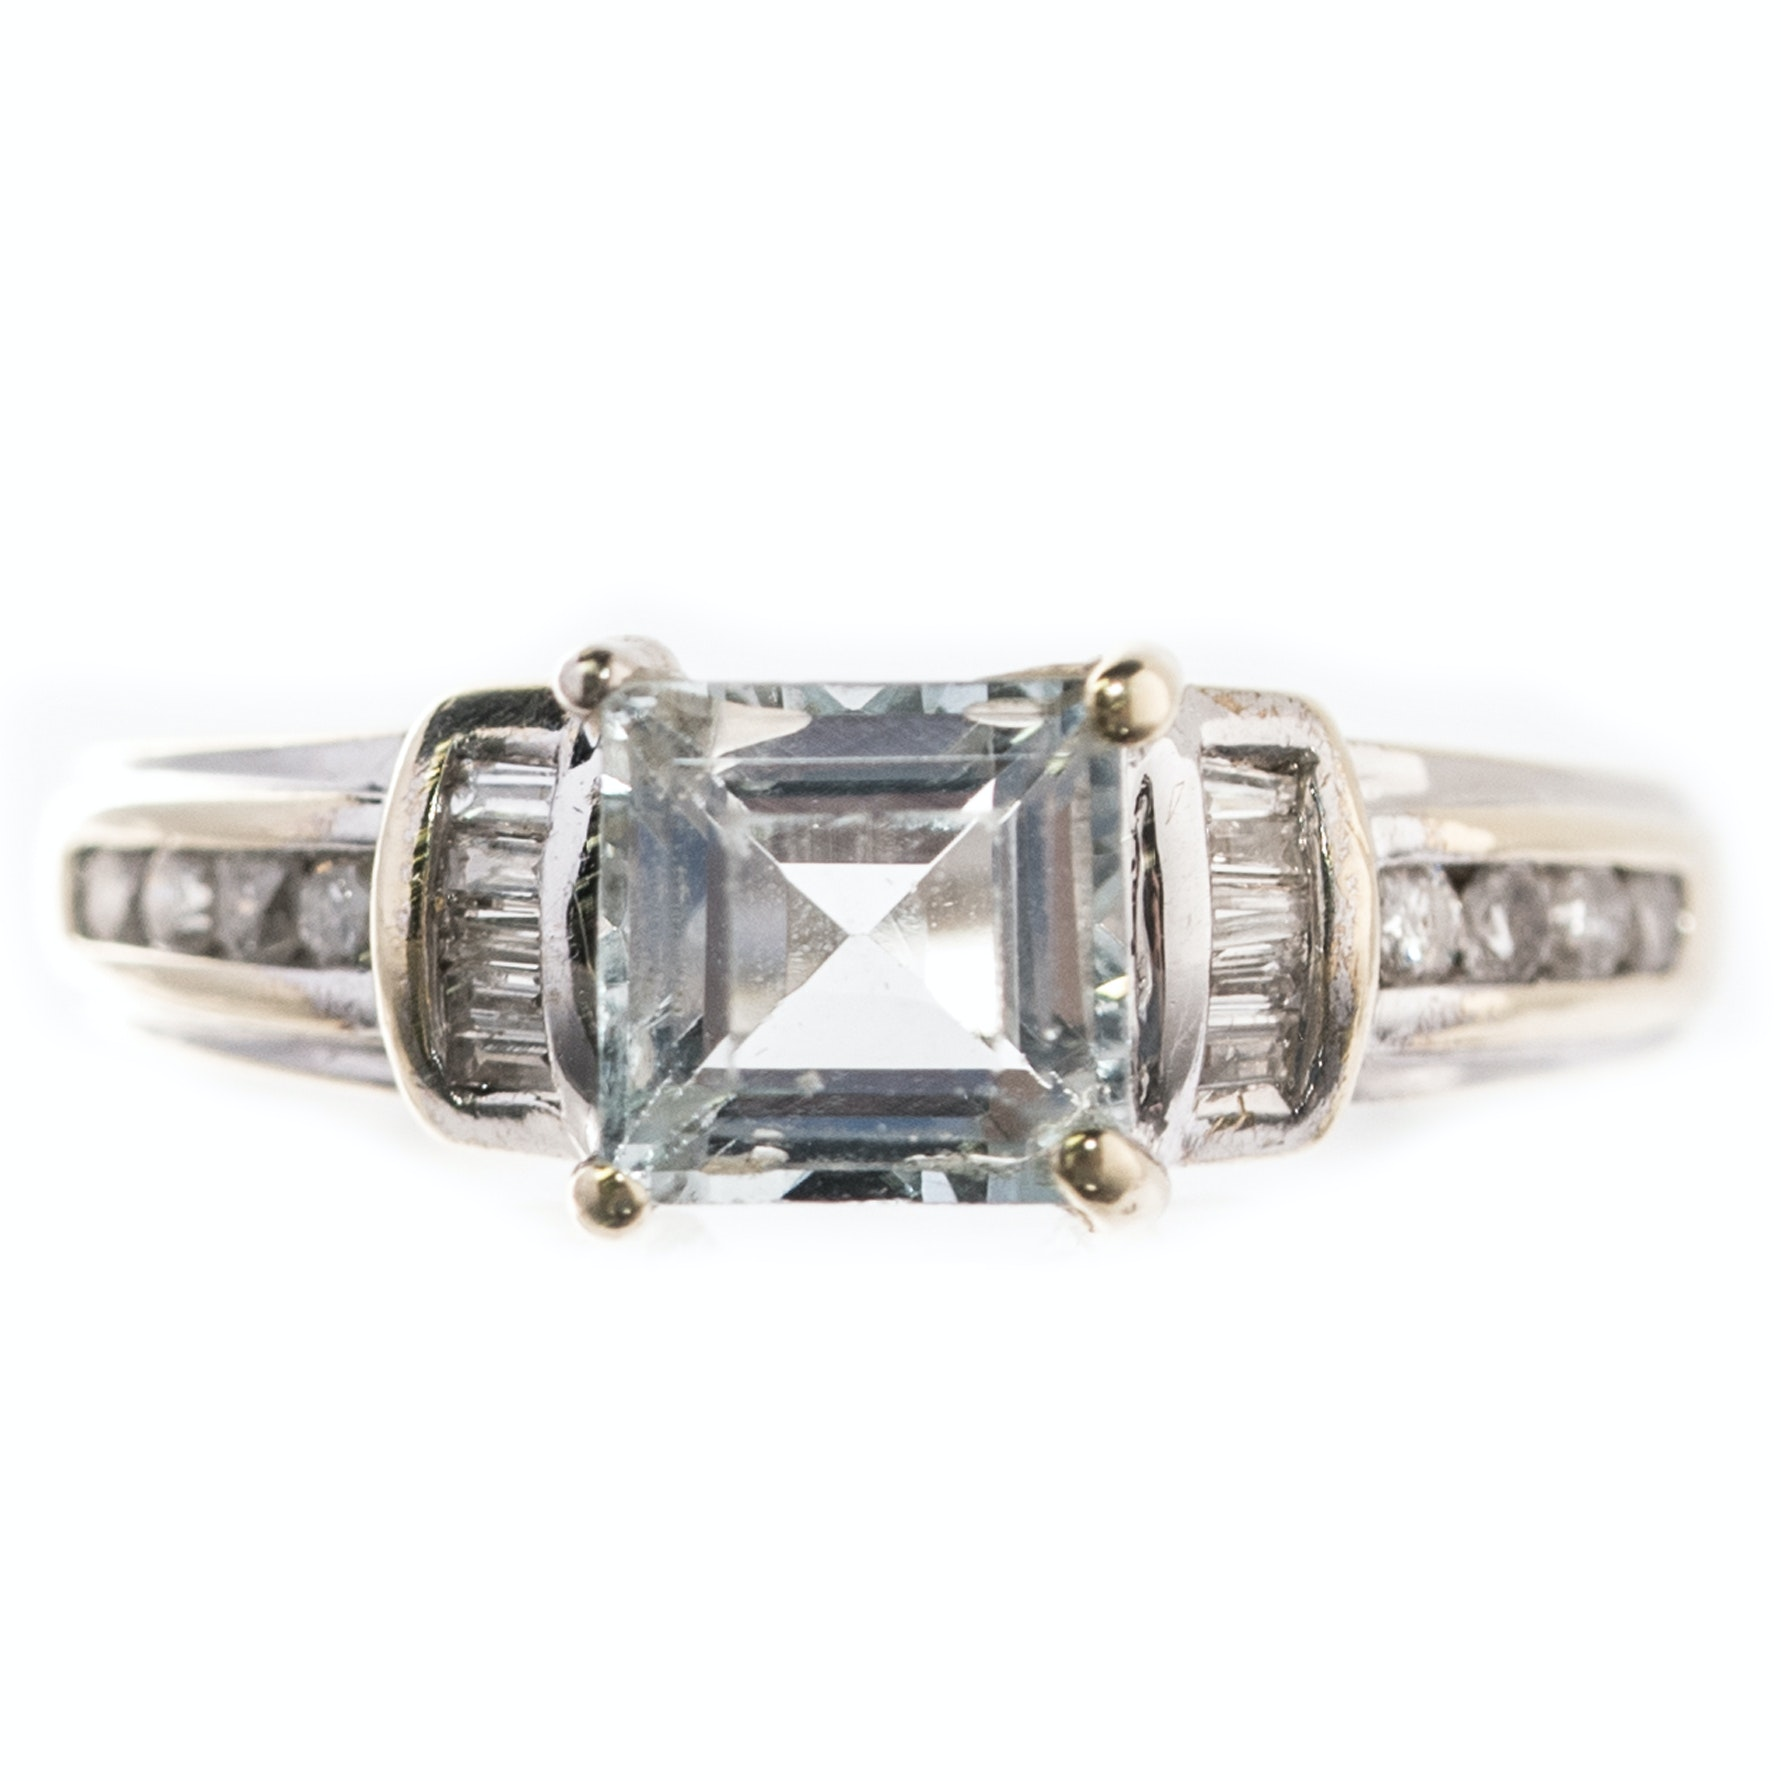 14K Yellow and White Gold, Aquamarine, and Diamond Ring